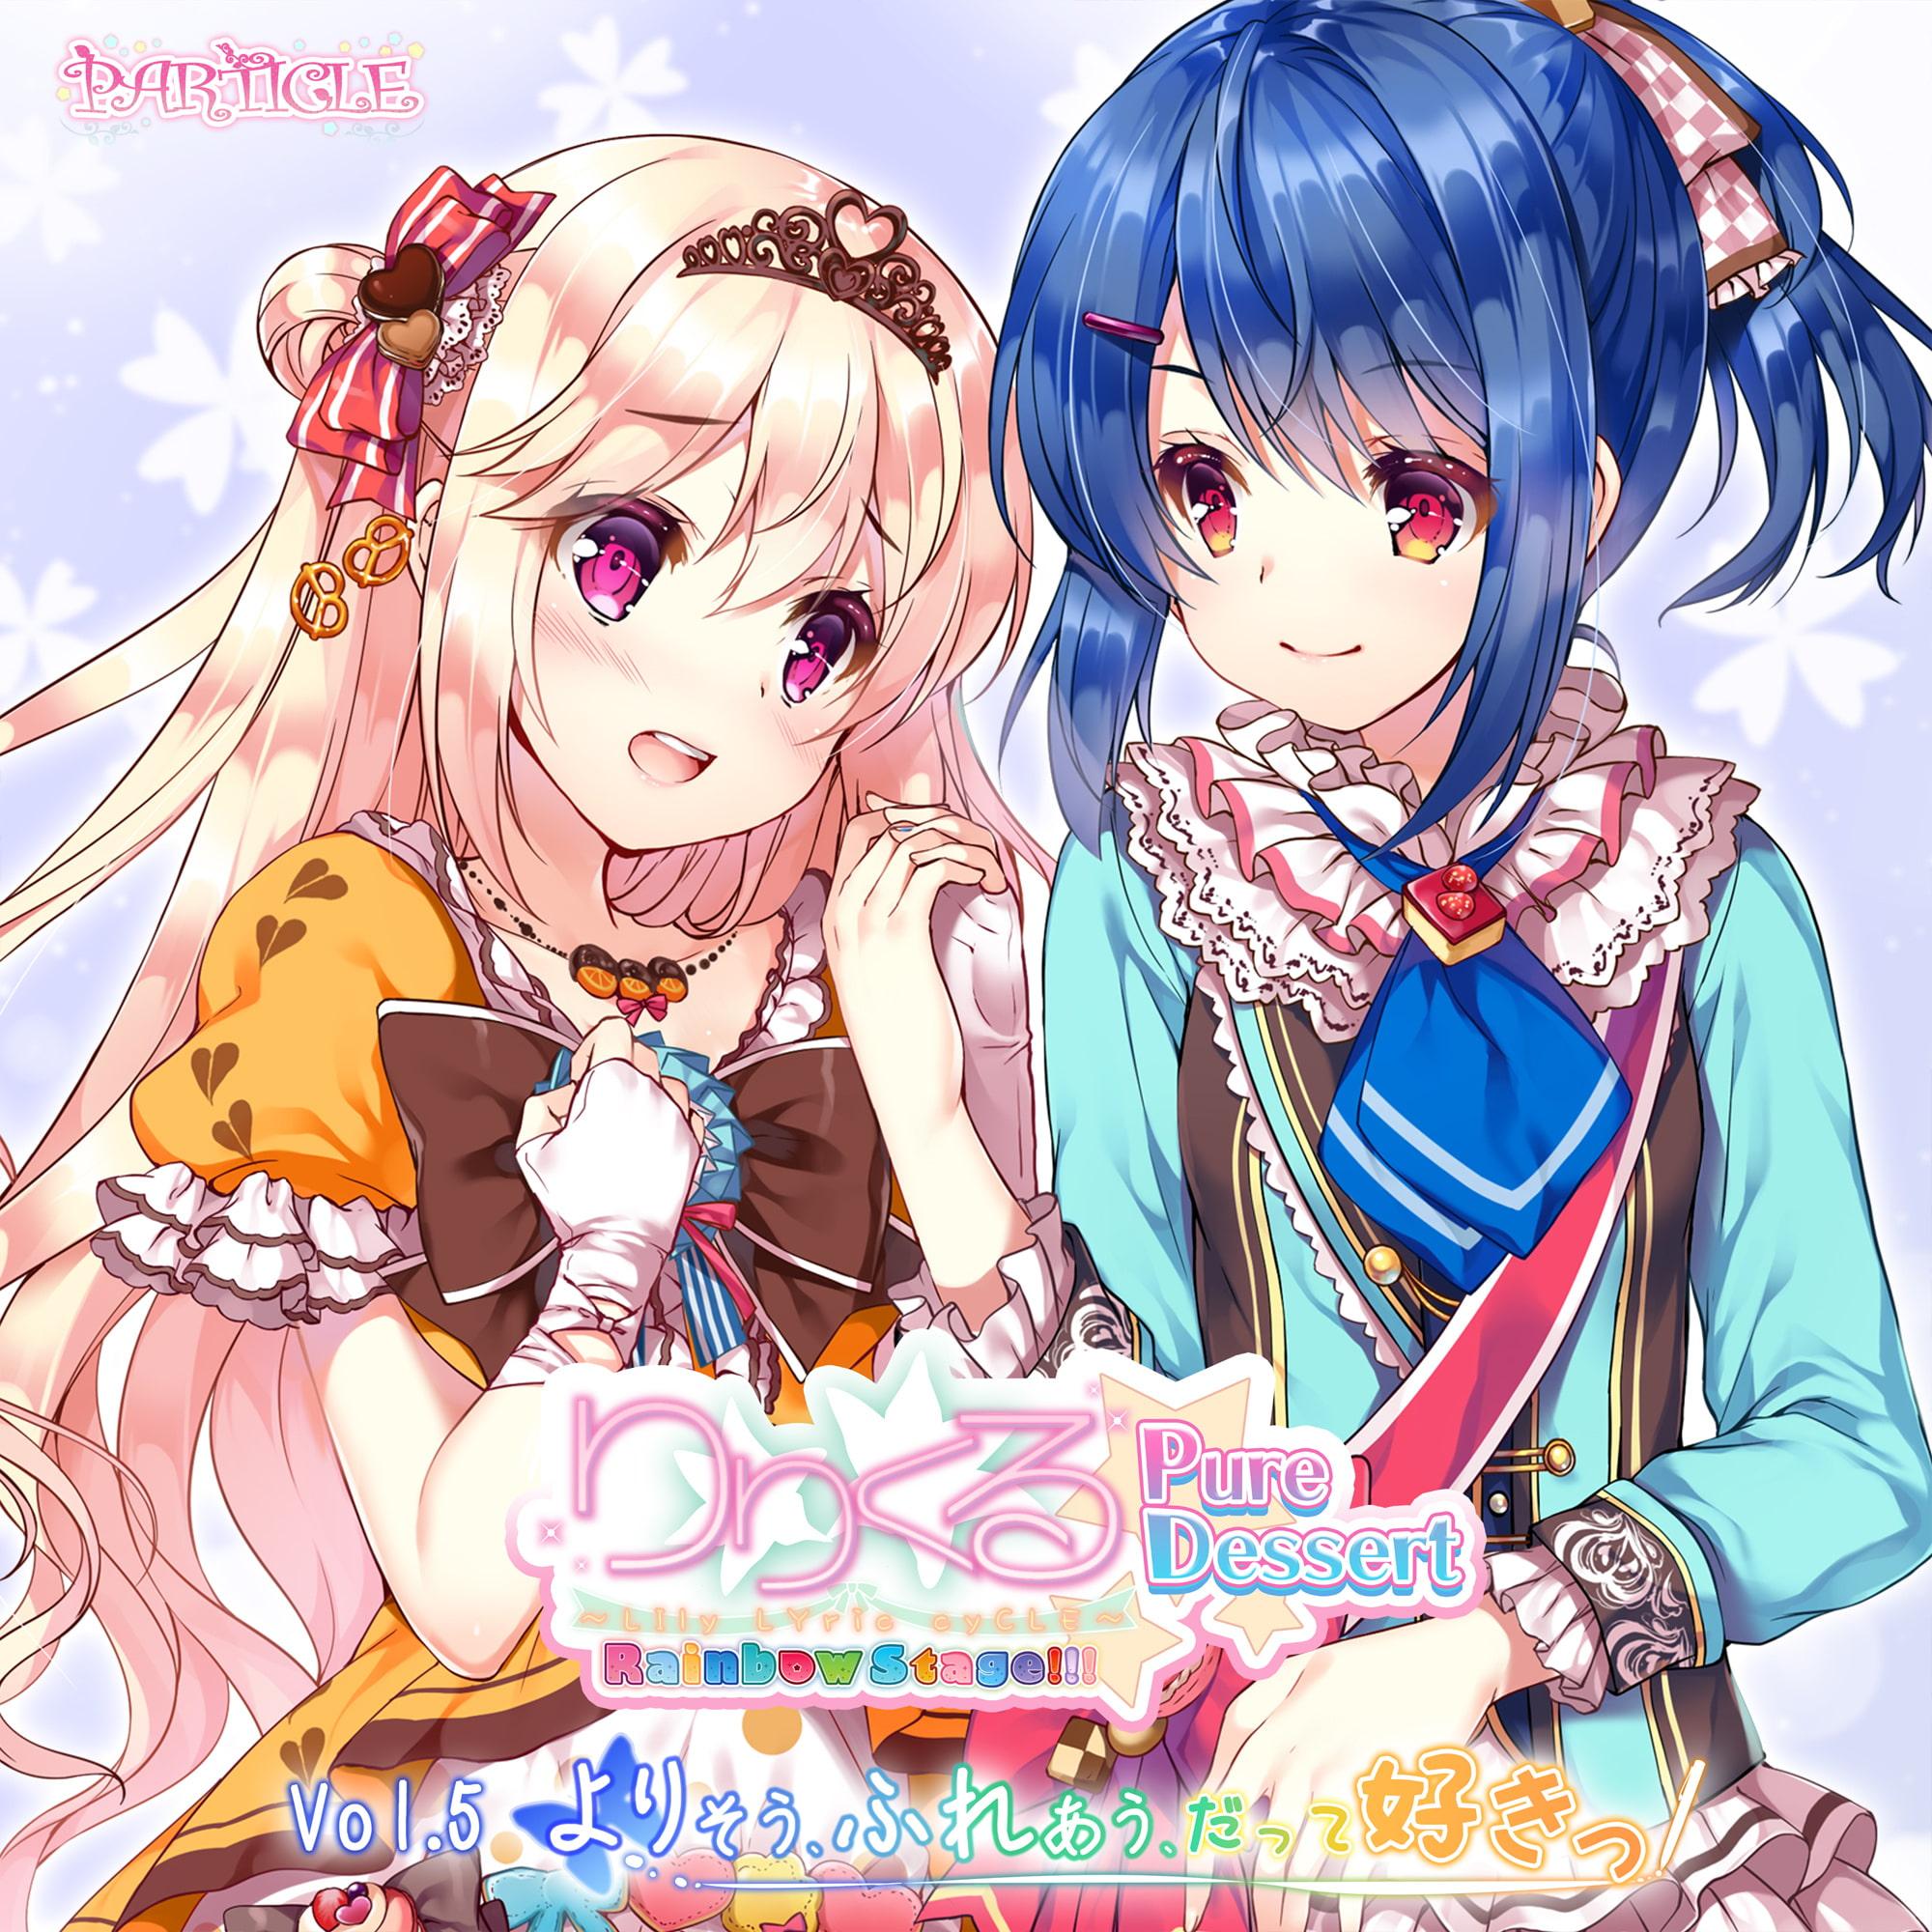 【百合ボイスドラマ】りりくる Rainbow Stage!!! ~Pure Dessert~ Vol.5『よりそう、ふれあう、だって好きっ』(商品番号:RJ346019)